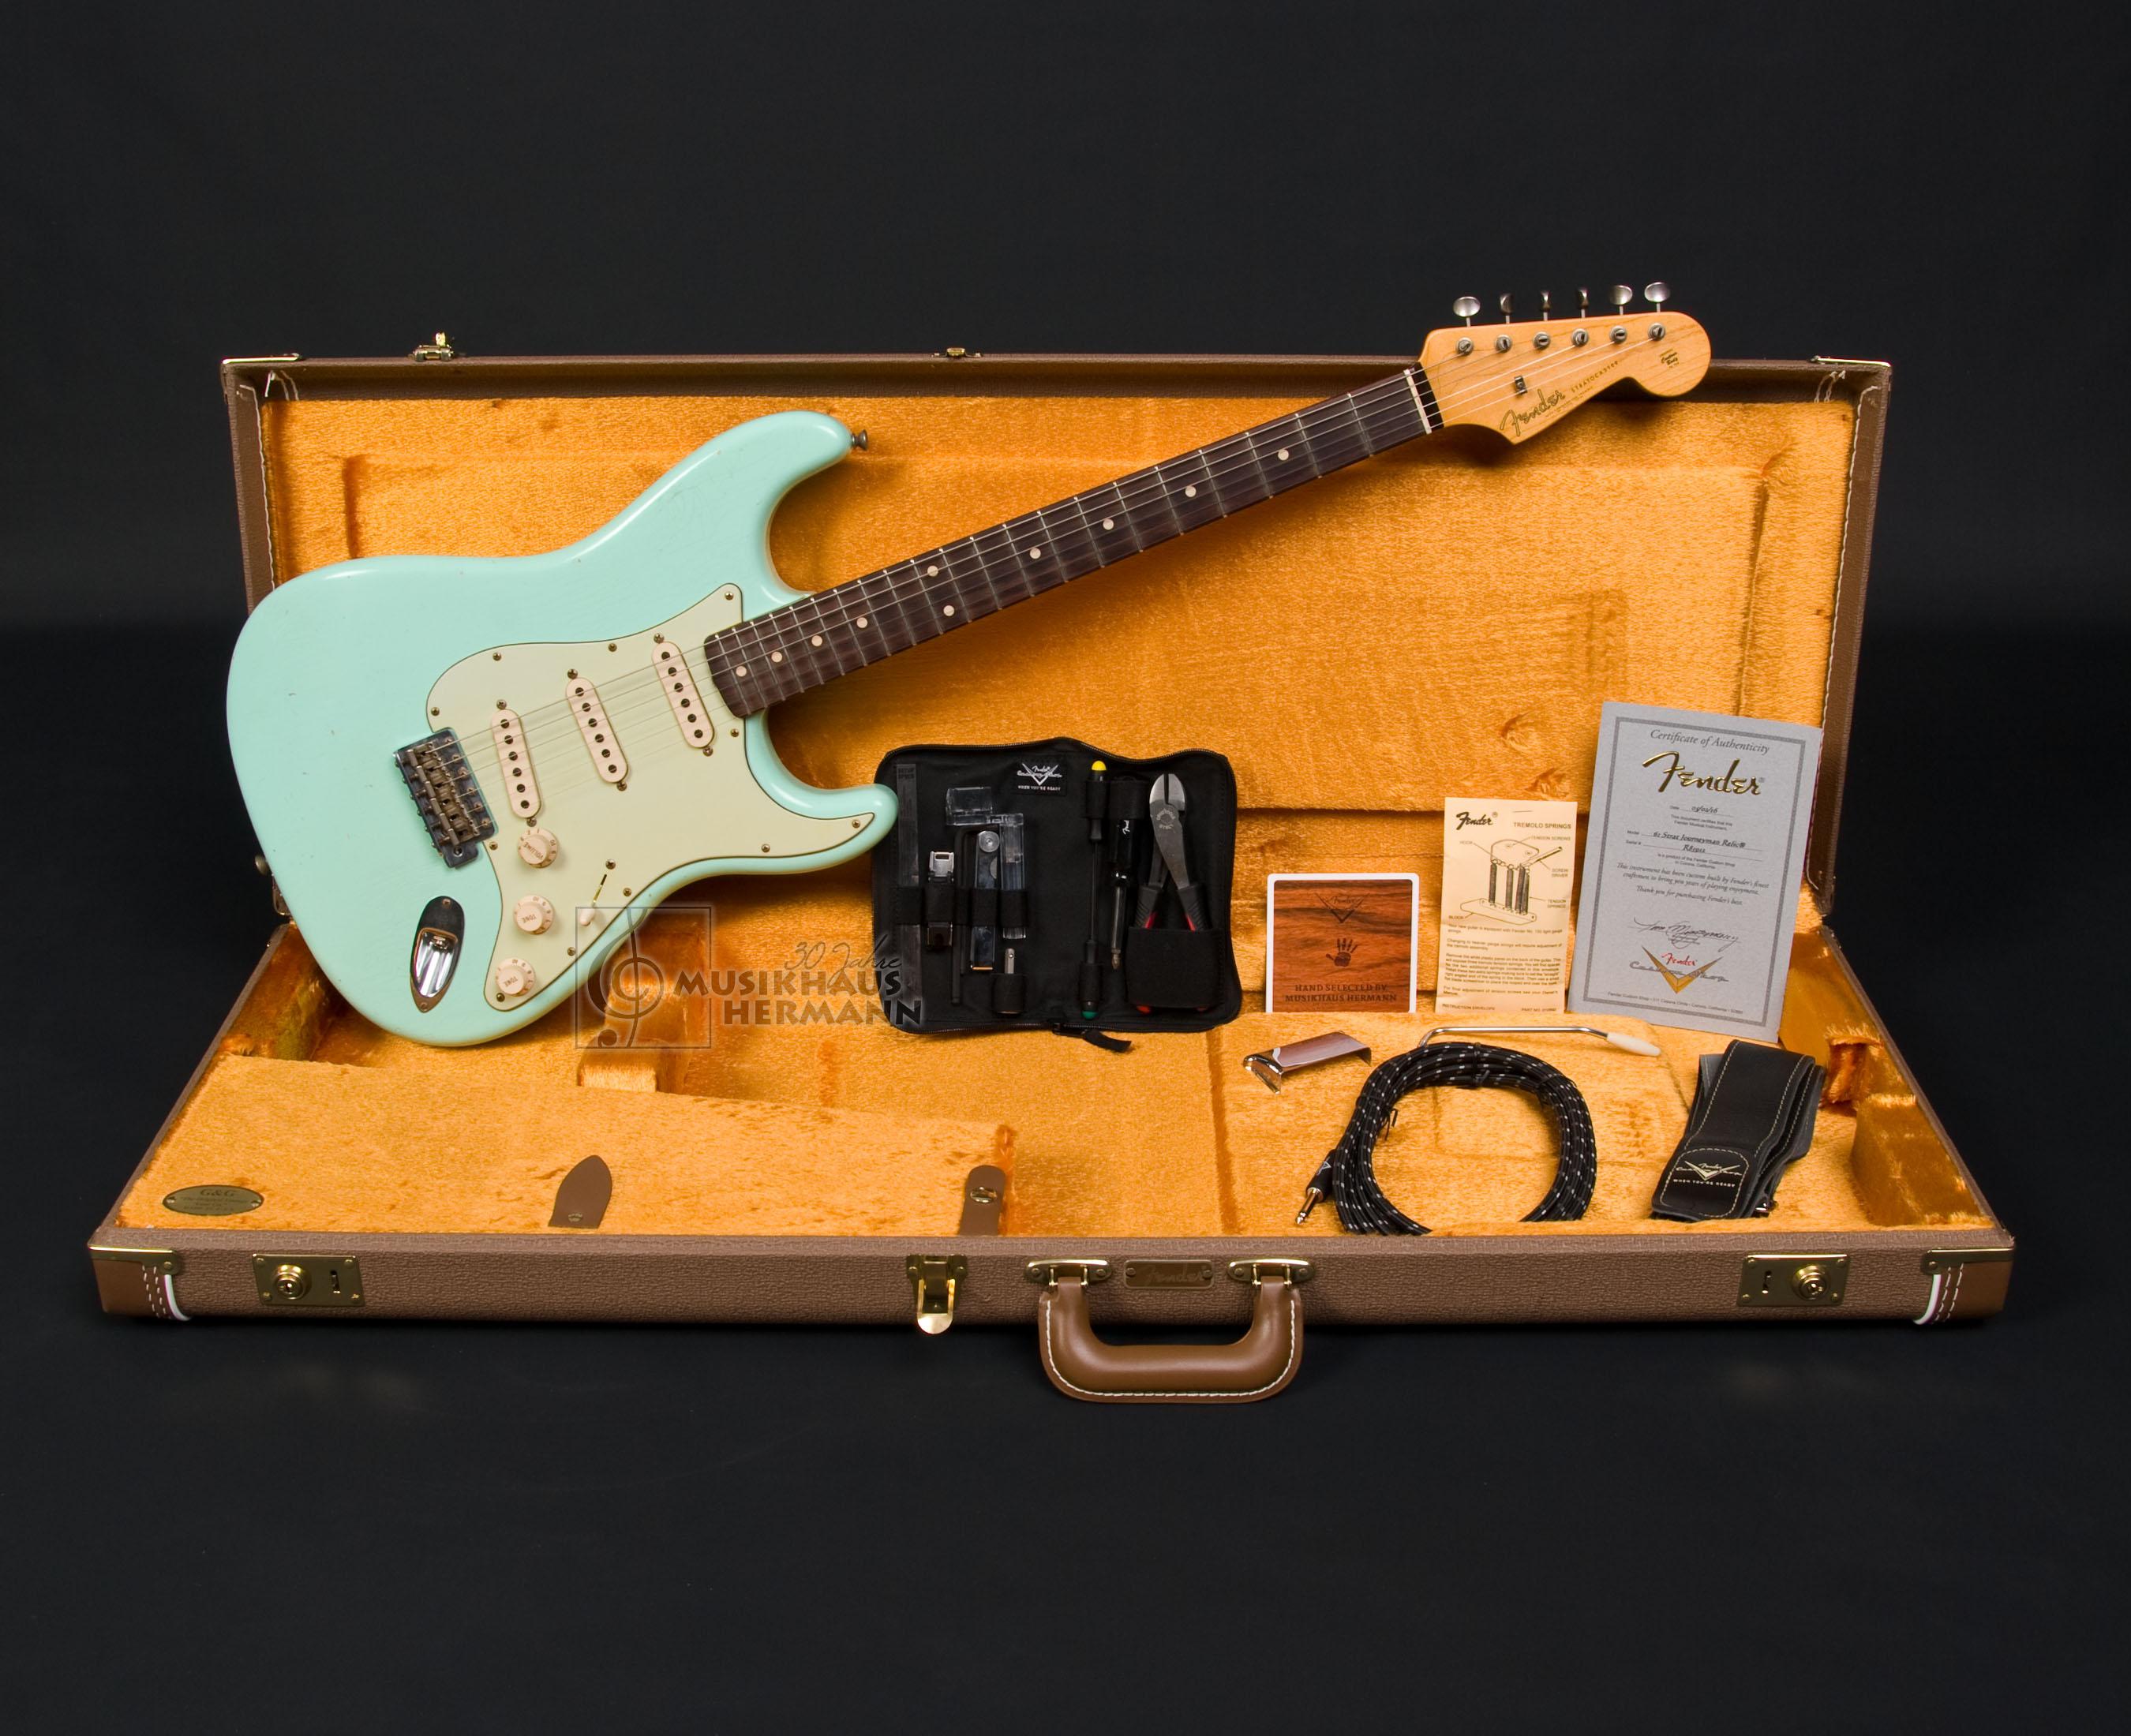 Ziemlich Stratocaster Drahtdiagramm Bilder - Die Besten Elektrischen ...